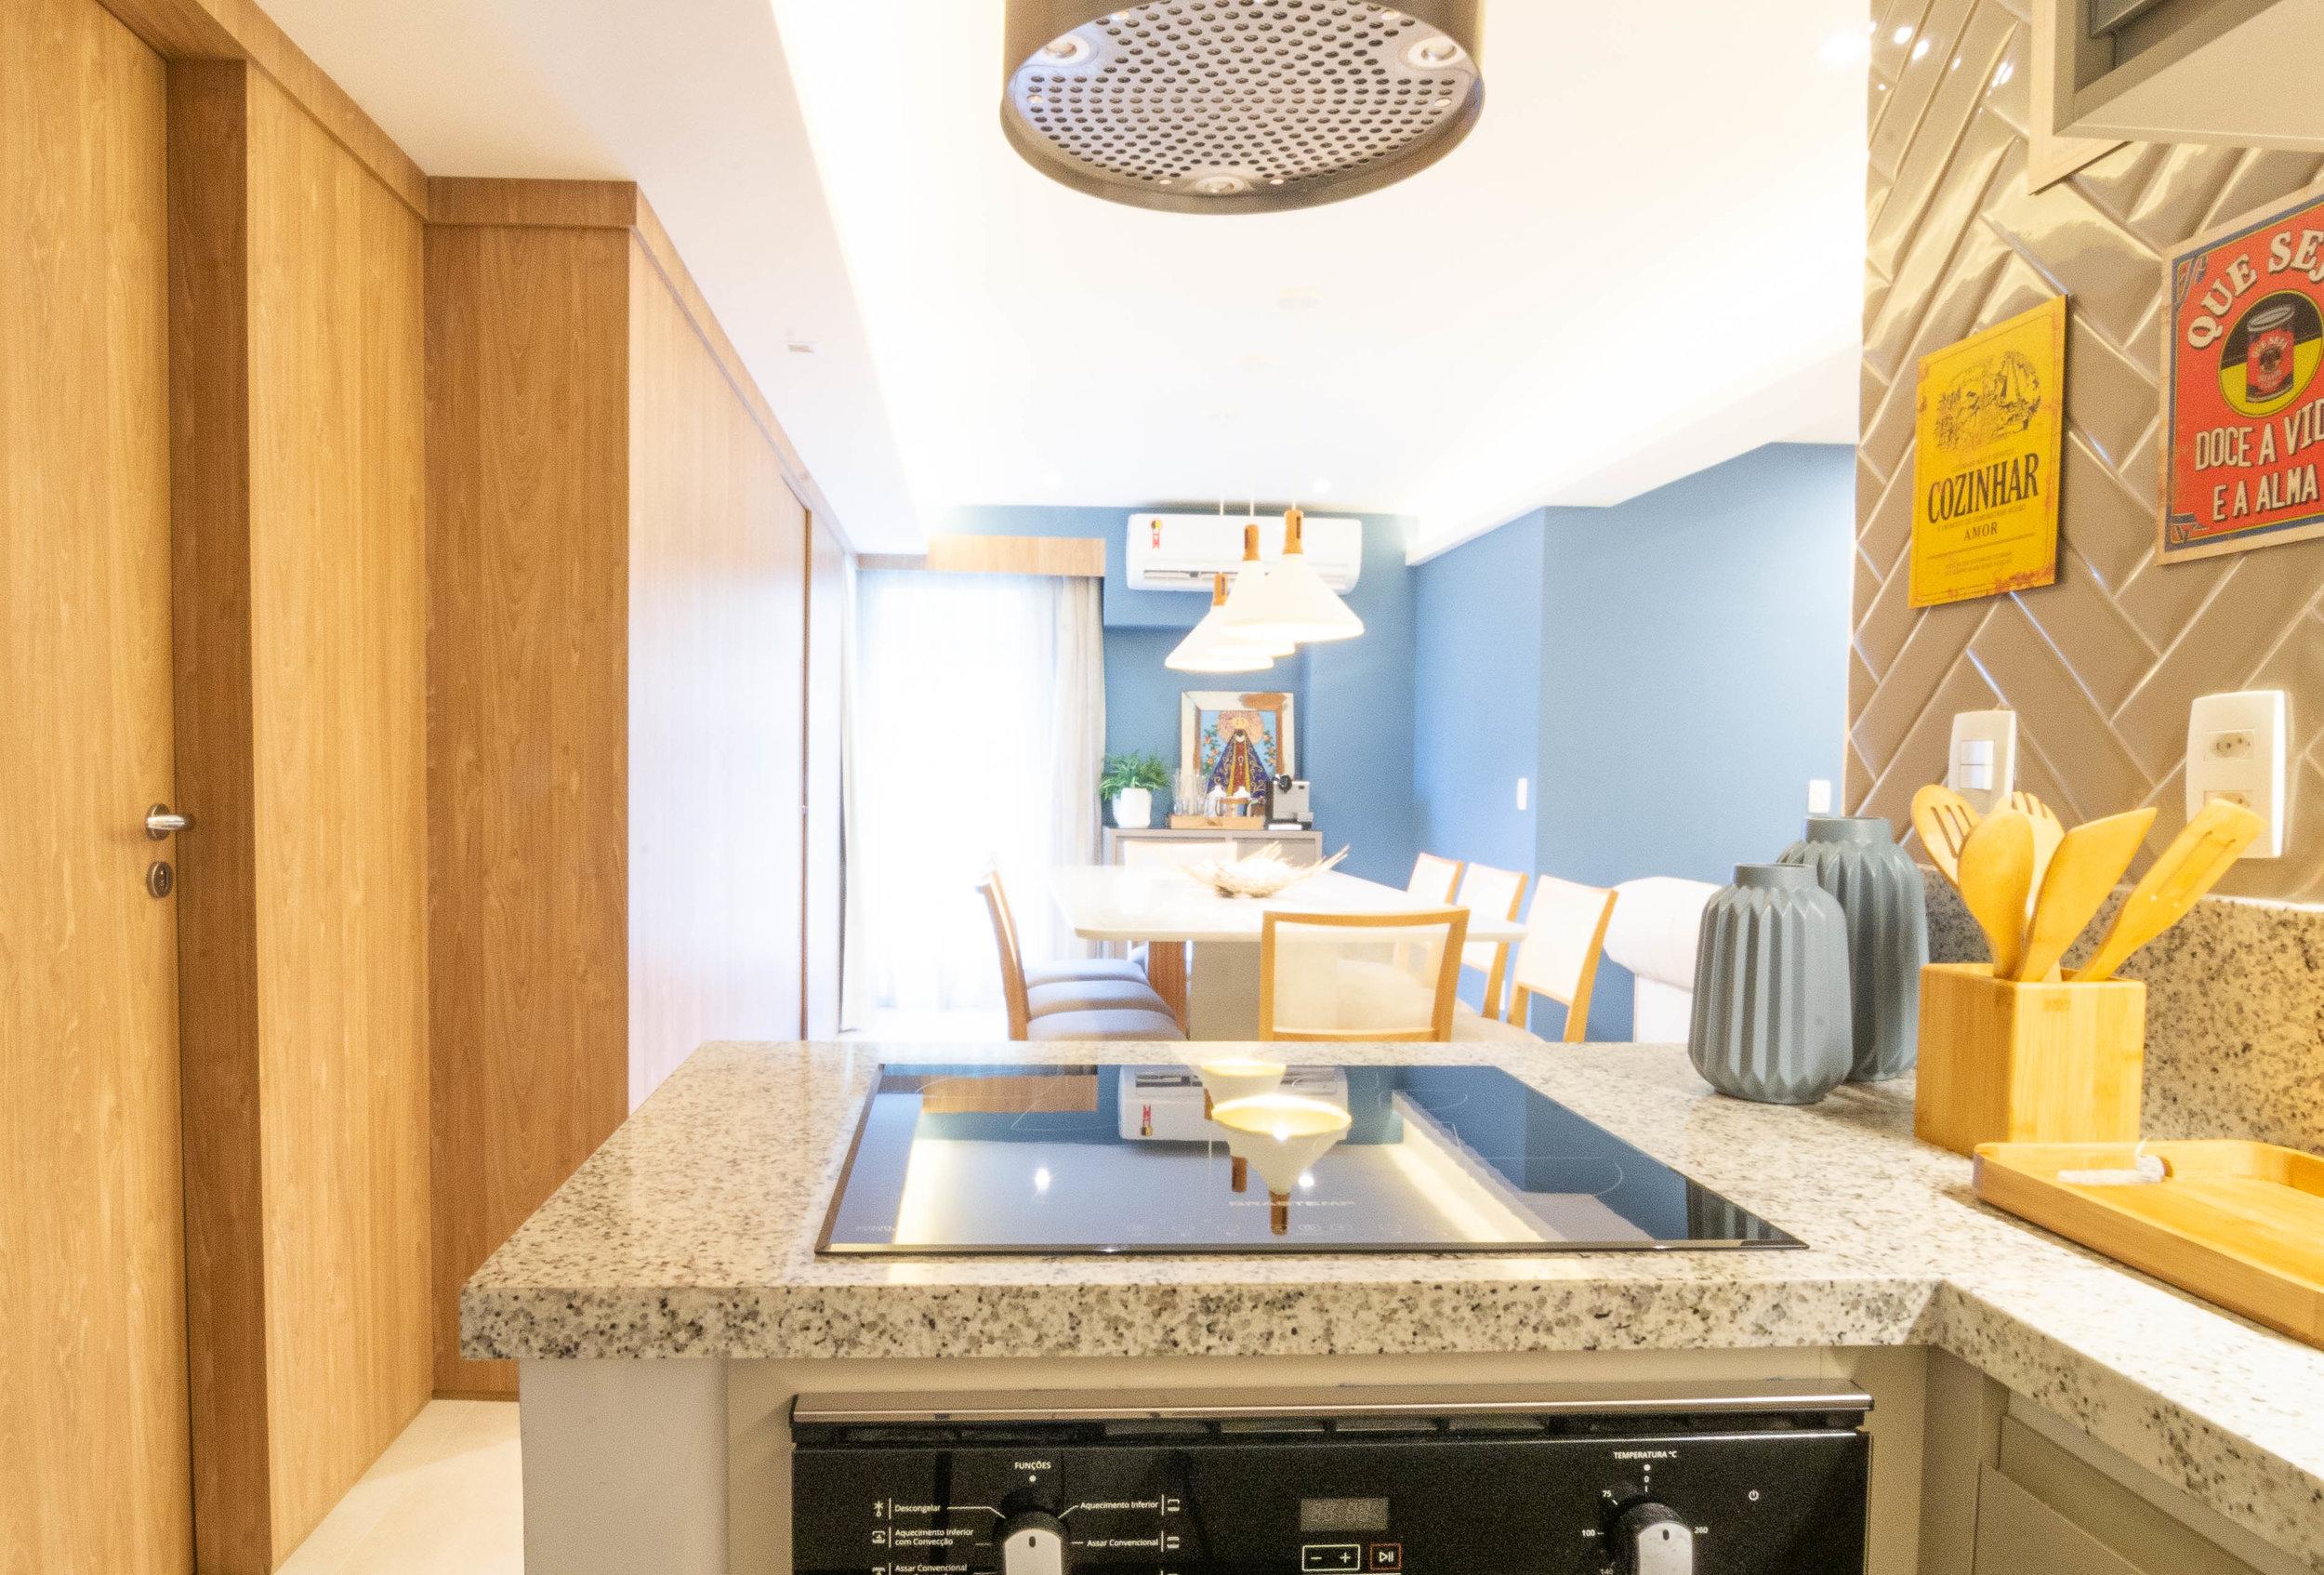 projeto-arquitetonico-luciananilton-duo-arquitetura-apartamentos-praia-011.jpg